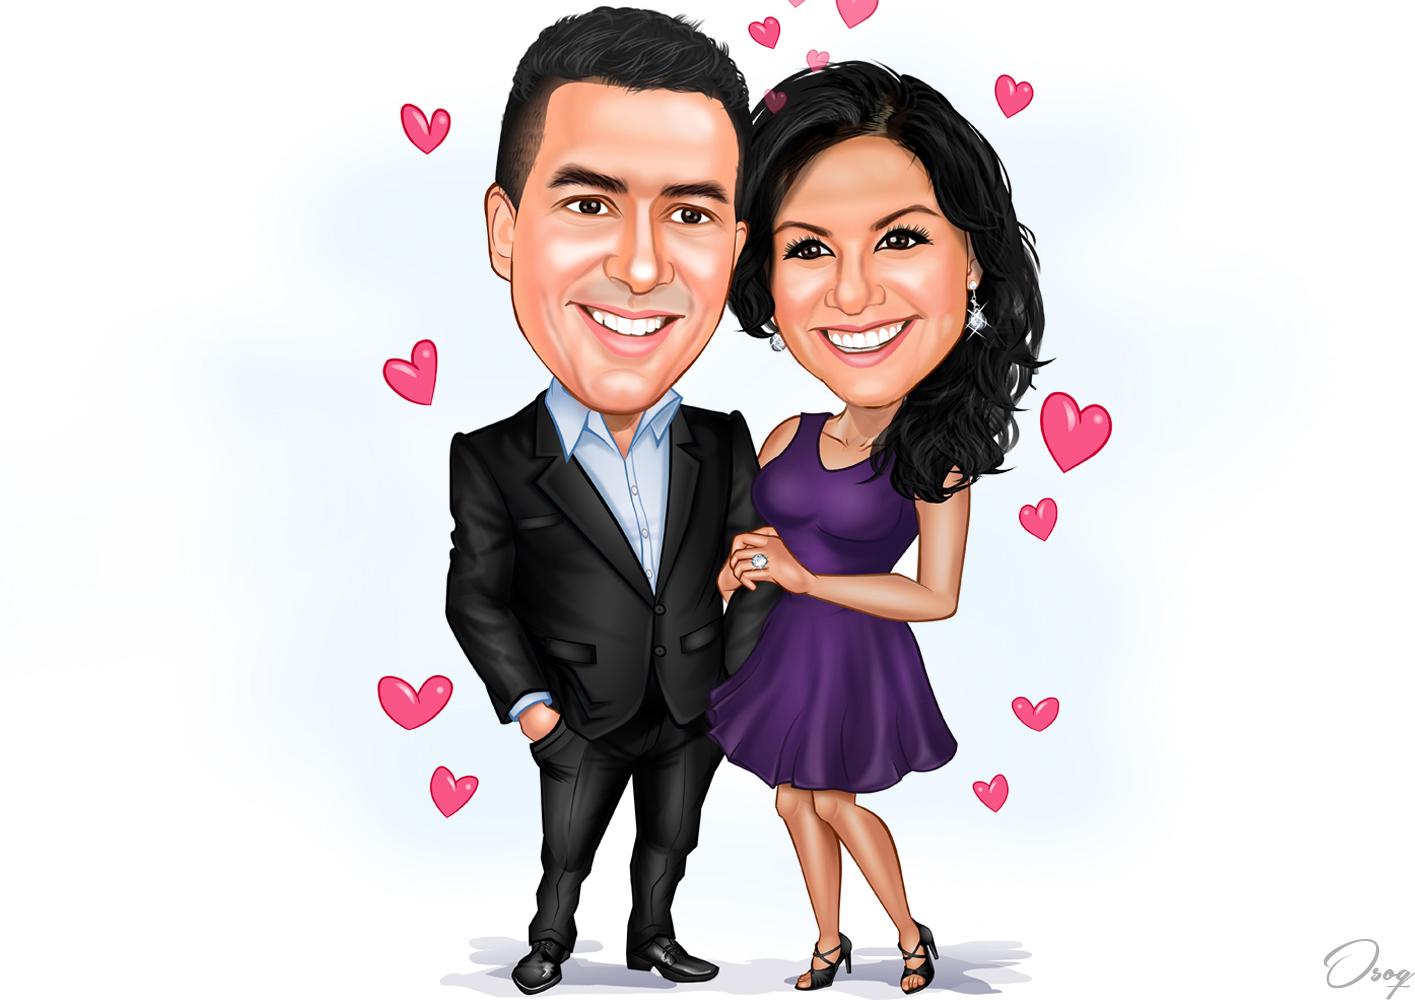 Cartoon Couples Osoq Com